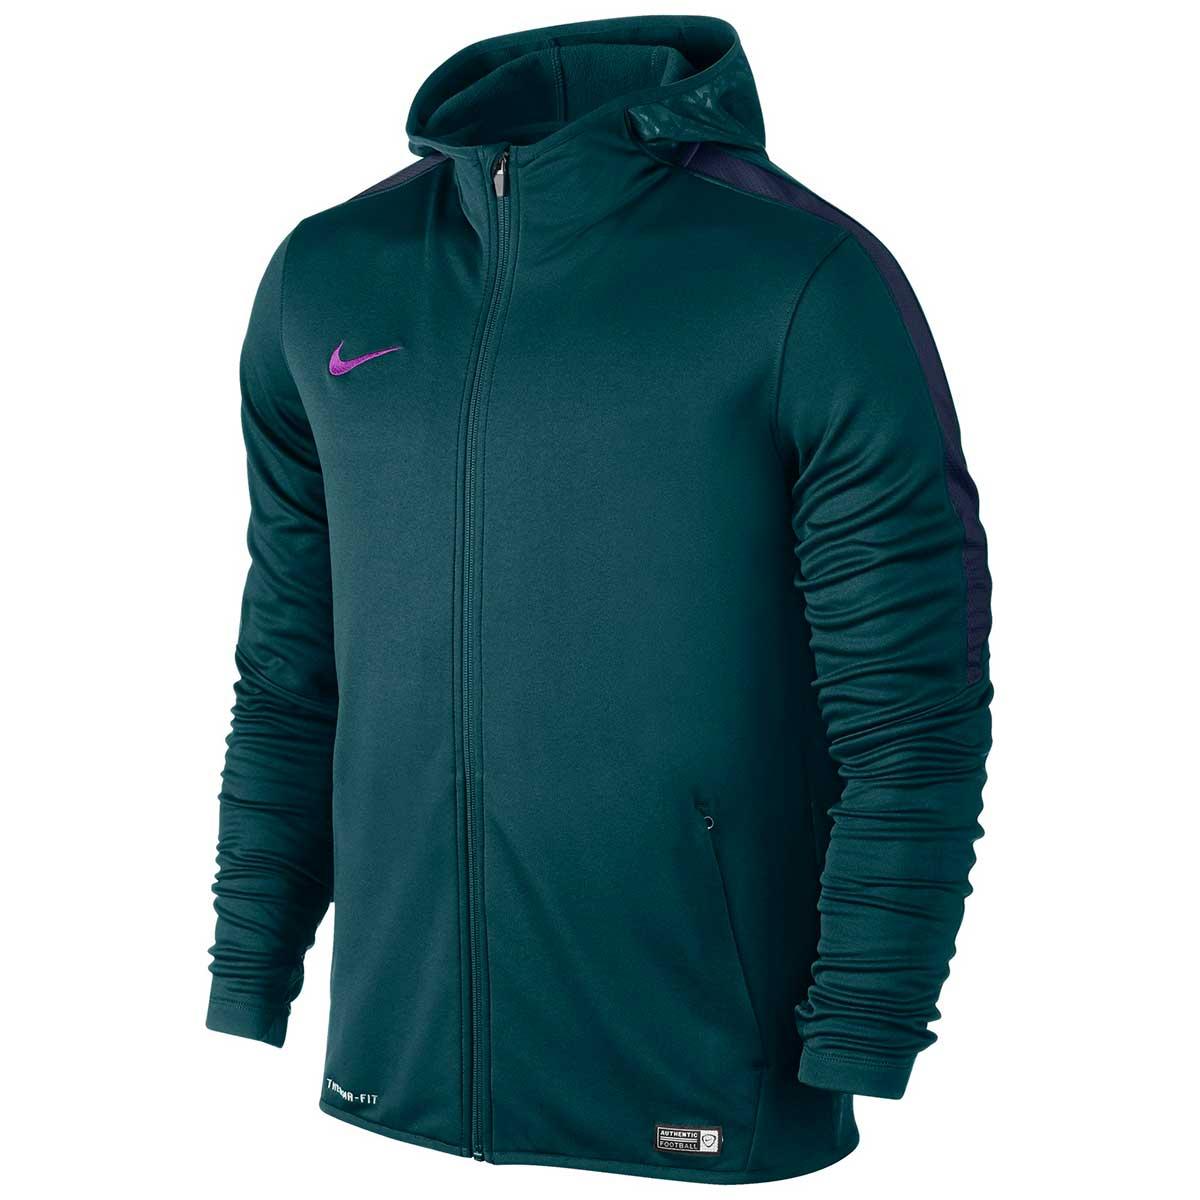 Buy Nike Full Zip Hoodie Jacket Online India| Nike Jackets ...